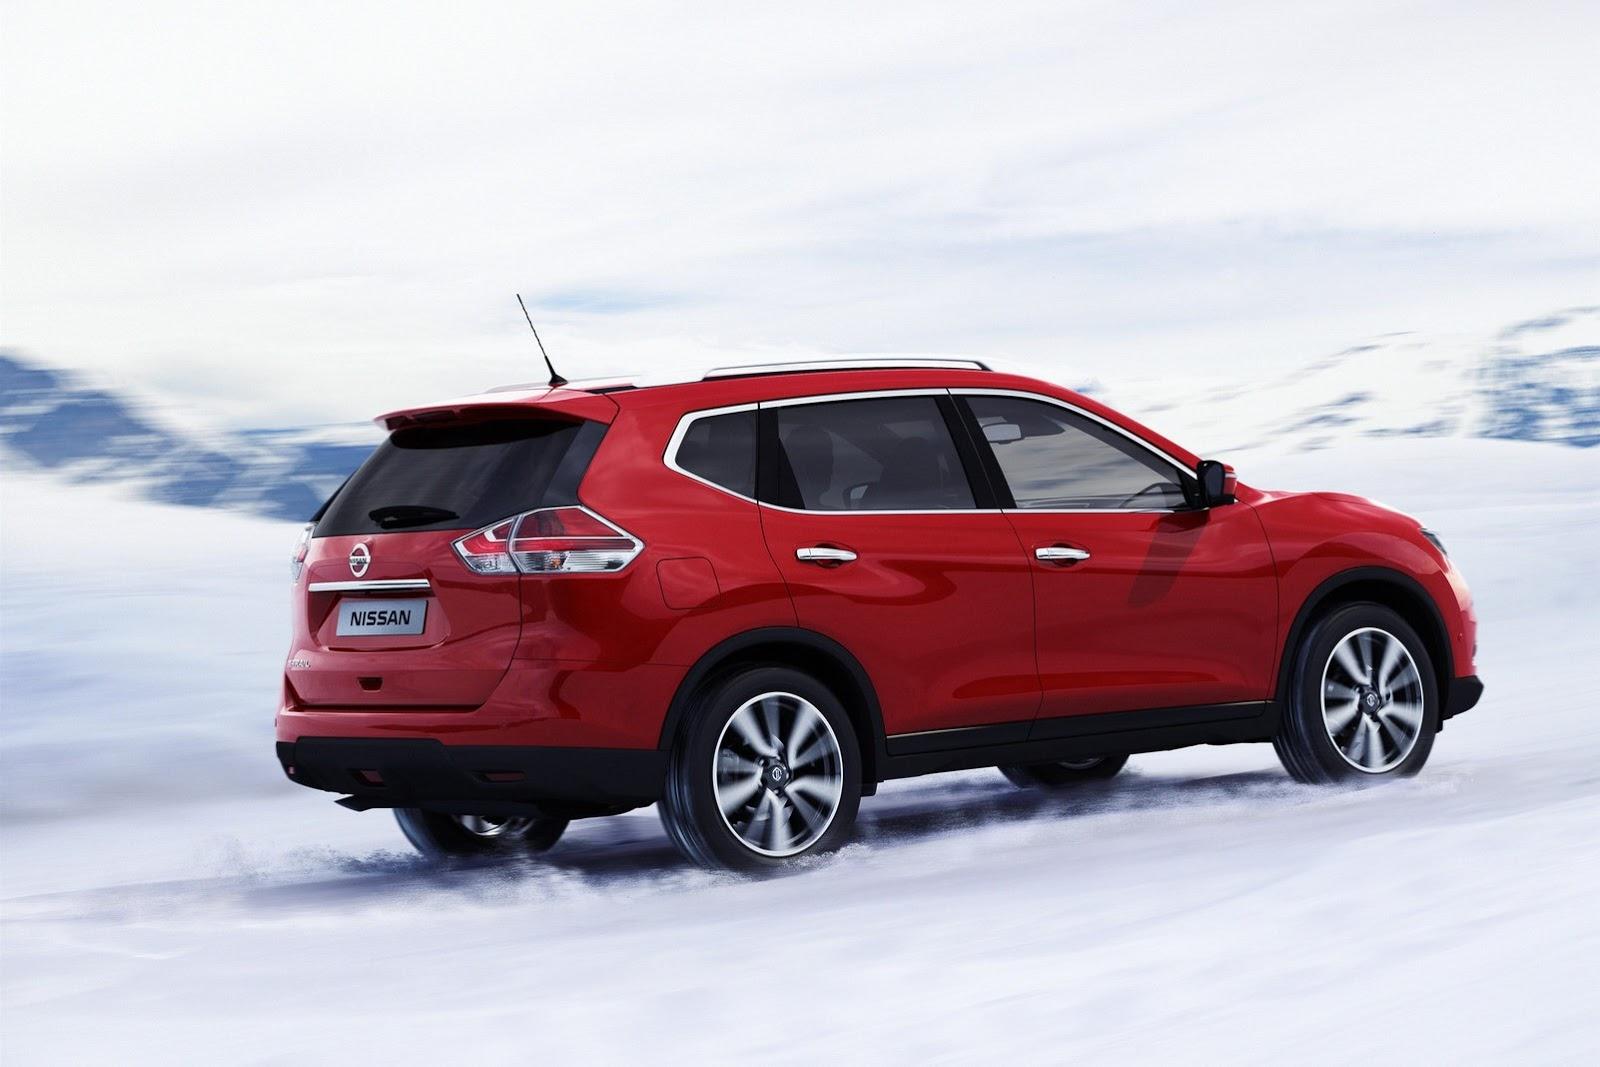 2014-Nissan-X-Trail-Rogue-10%25255B2%25255D.jpg